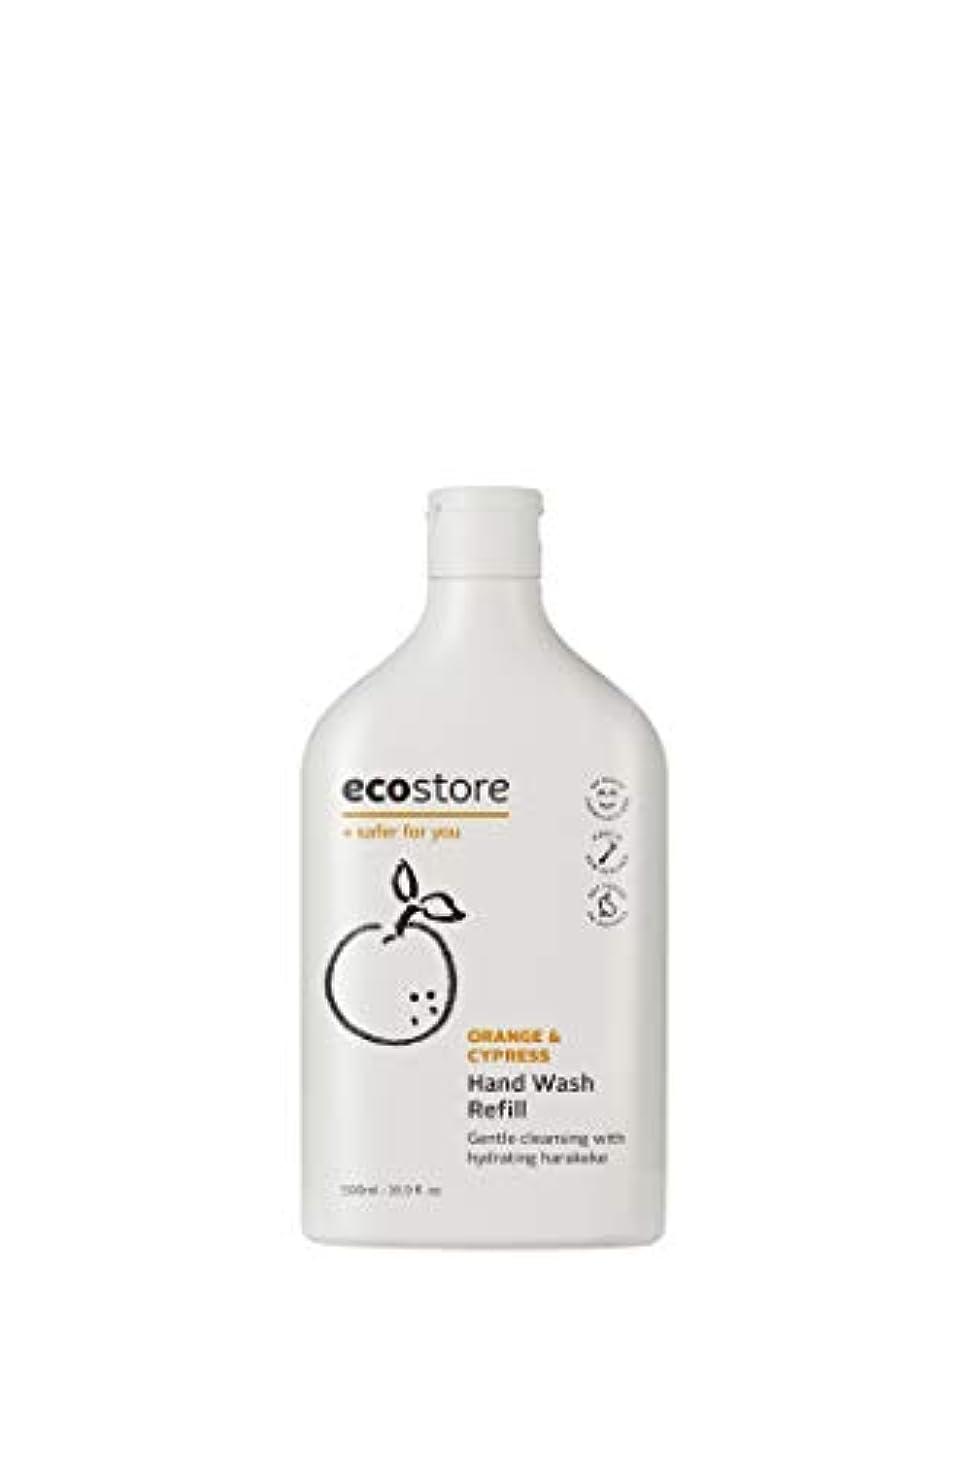 ご飯ありふれたネイティブecostore(エコストア) ハンドウォッシュ 【オレンジ&サイプレス】 500ml 詰め替え用 液体タイプ